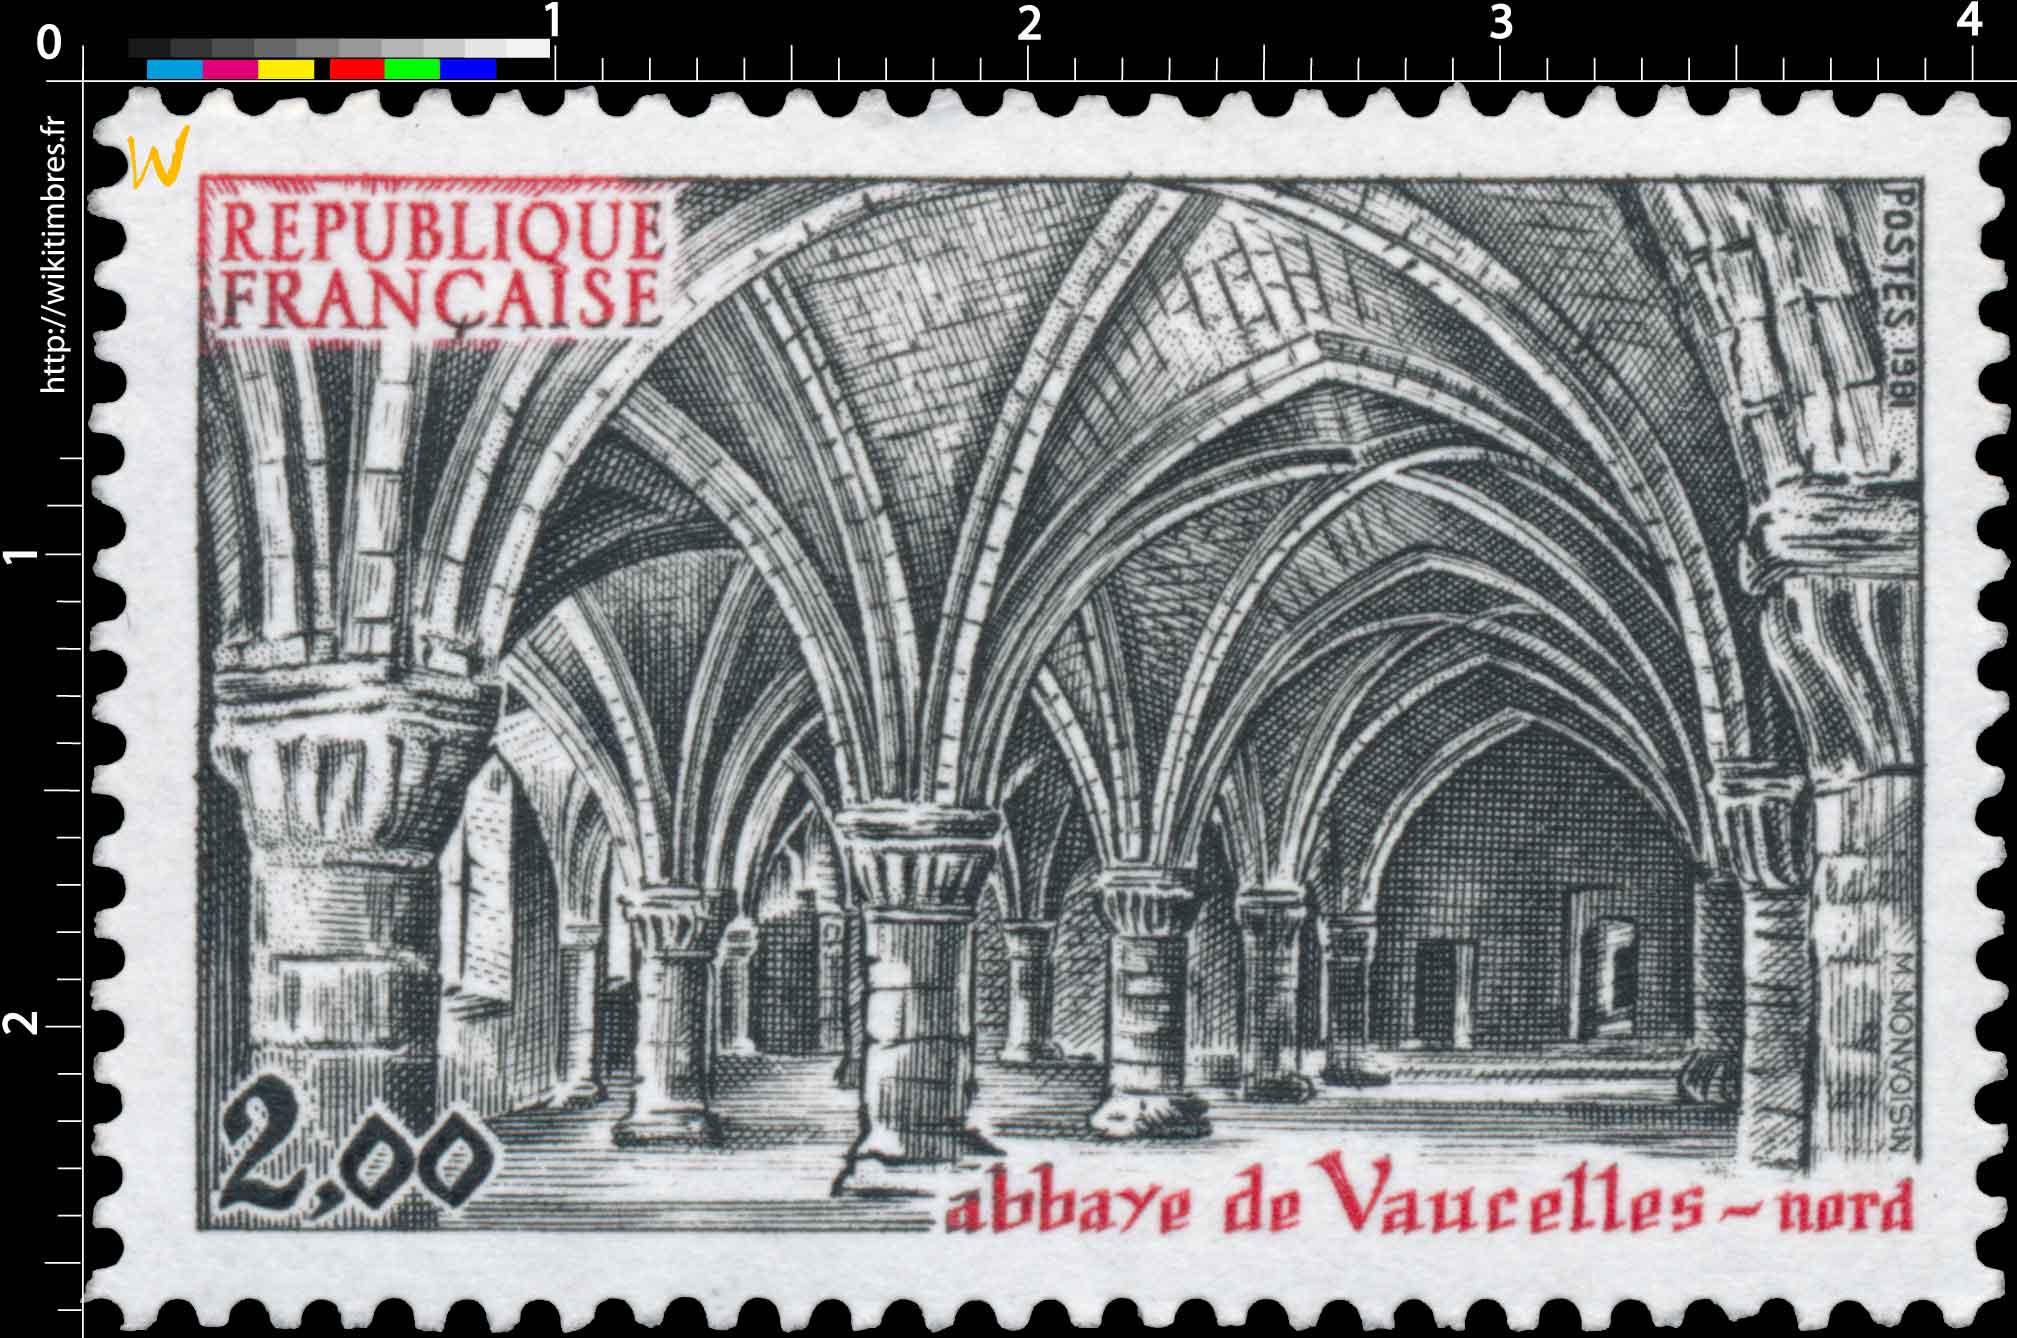 1981 abbaye de Vaucelles - nord